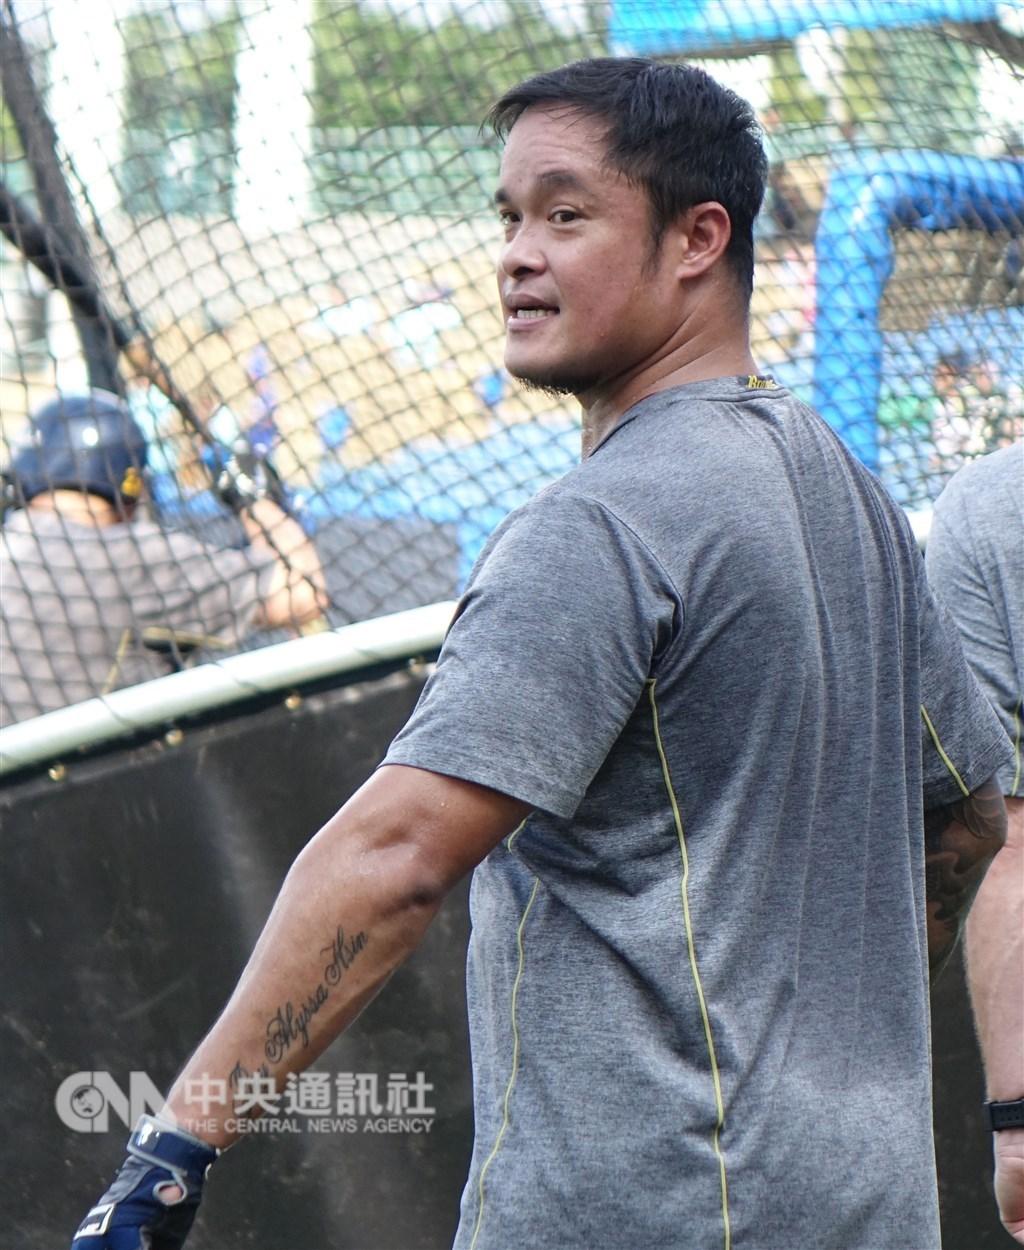 中信兄弟球員林智勝2018年出賽58場、4支全壘打、打擊率0.266未達預期,新合約薪水有可能大砍。(中央社檔案照片)